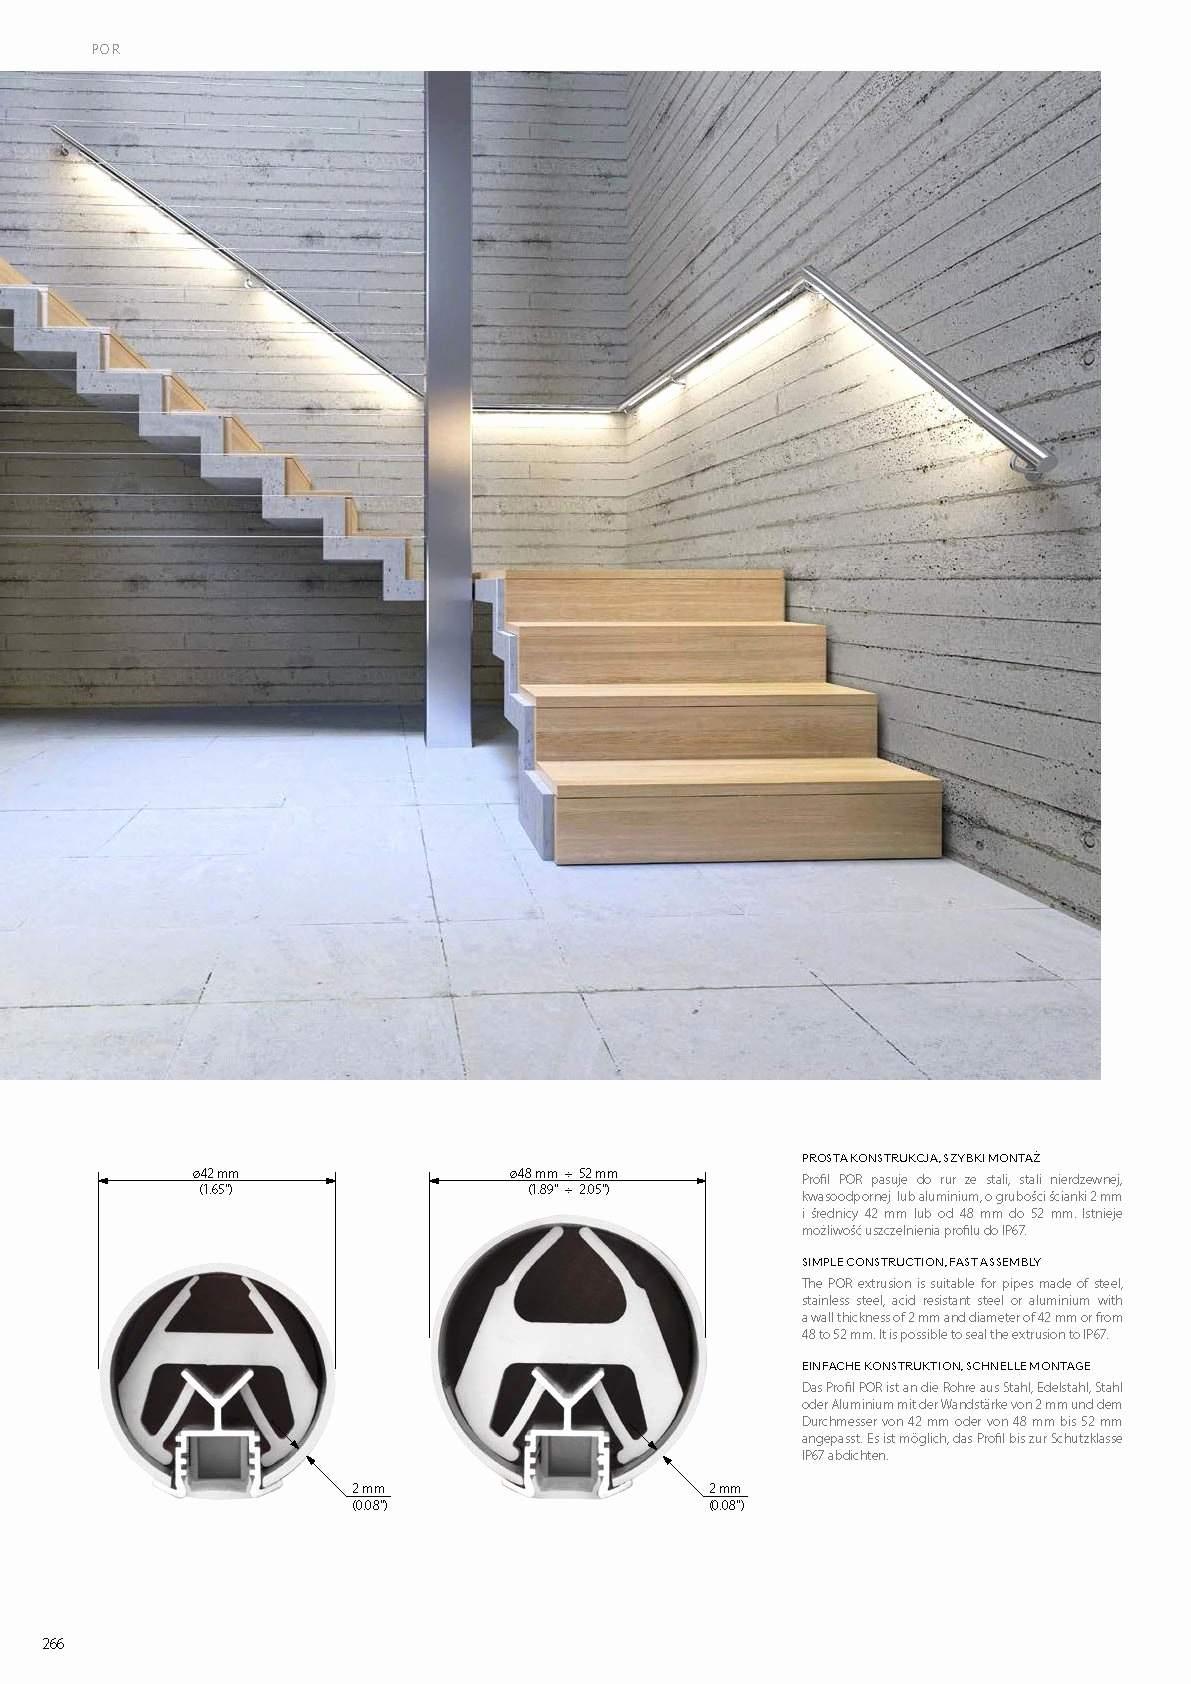 treppe garten selber bauen holz einzigartig treppe garten selber bauen holz best treppen im garten 45 of treppe garten selber bauen holz